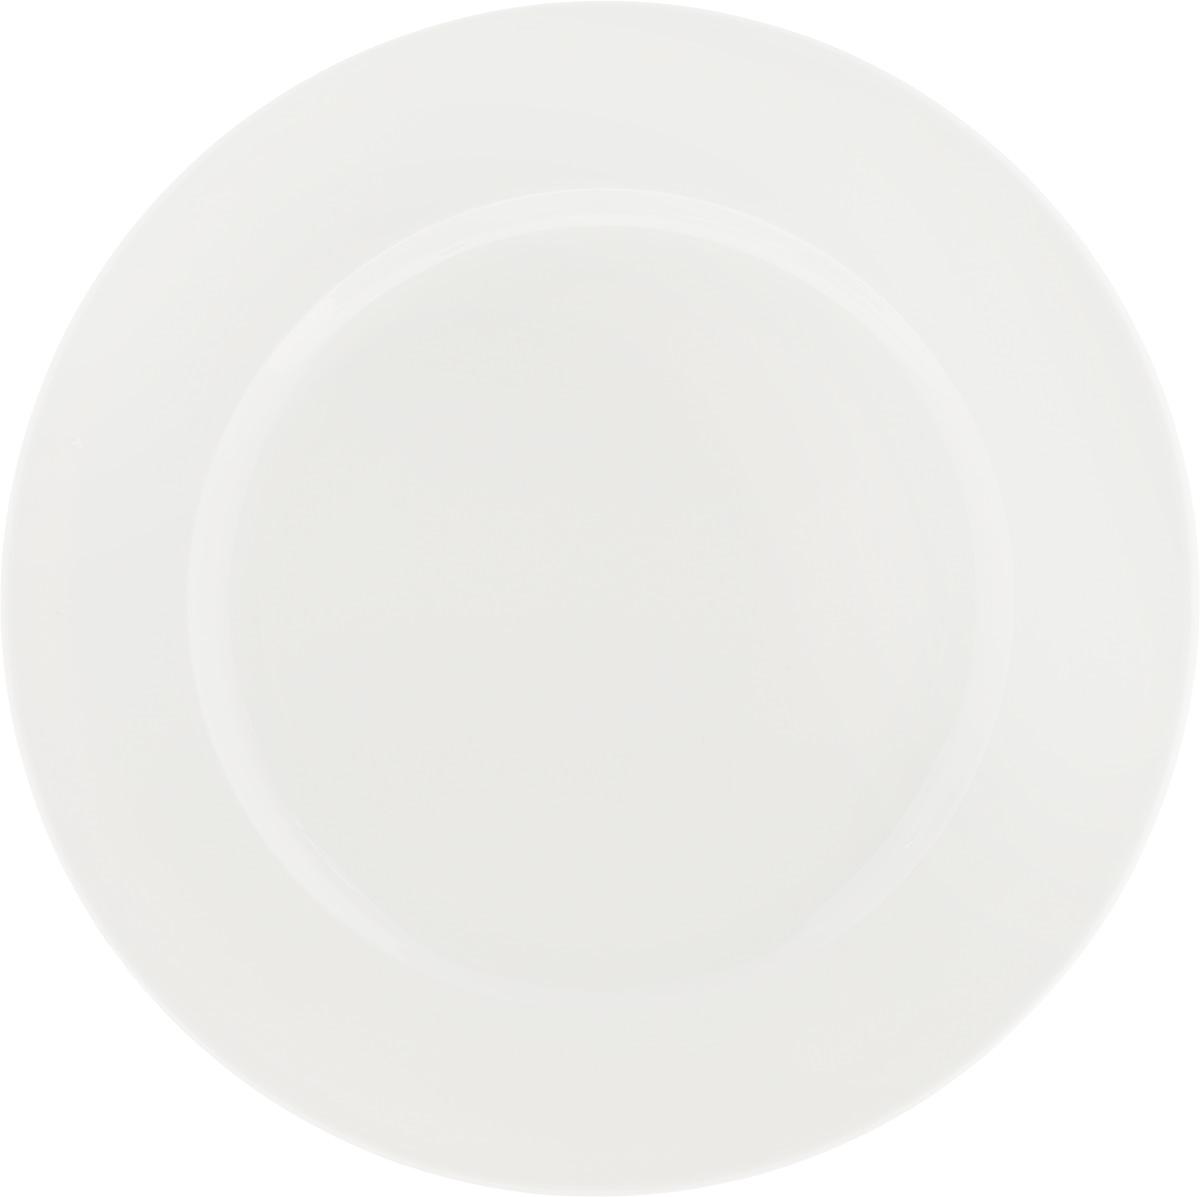 Тарелка Ariane Прайм, диаметр 29 см115510Оригинальная тарелка Ariane Прайм изготовлена из высококачественного фарфора с глазурованным покрытием. Изделие круглой формы идеально подходит для сервировки закусок и других блюд. Такая тарелка прекрасно впишется в интерьер вашей кухни и станет достойным дополнением к кухонному инвентарю. Можно мыть в посудомоечной машине и использовать в микроволновой печи. Диаметр тарелки (по верхнему краю): 29 см.